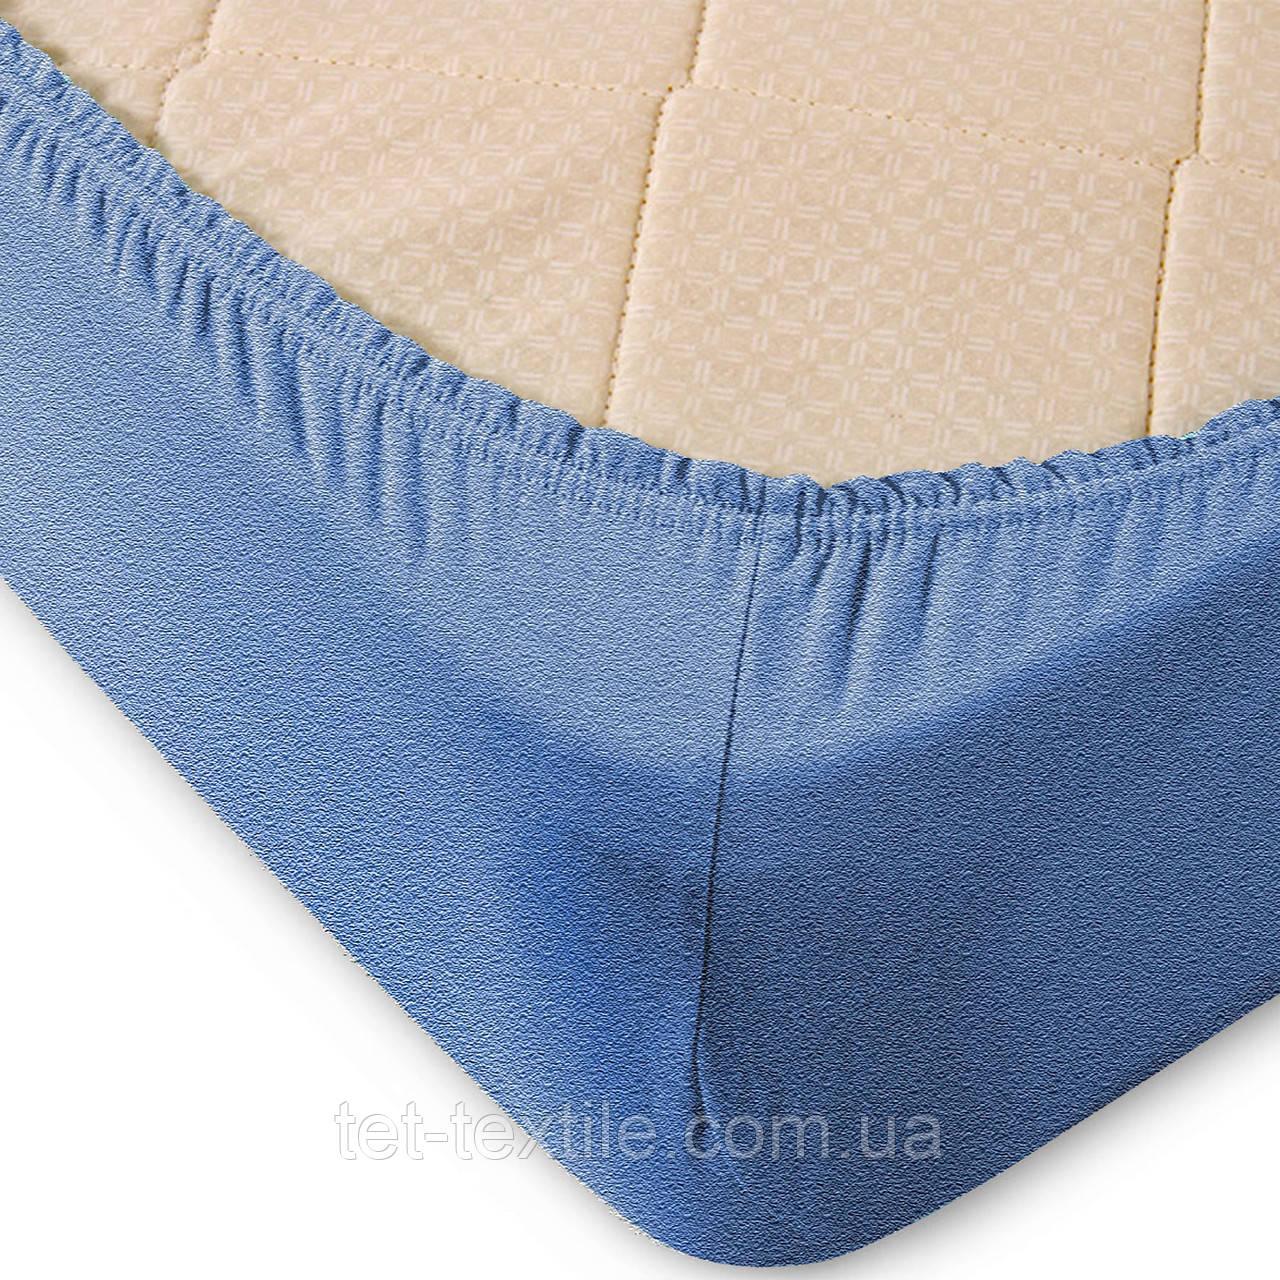 Простынь махровая на резинке Sweet Dreams голубой 180х200+30